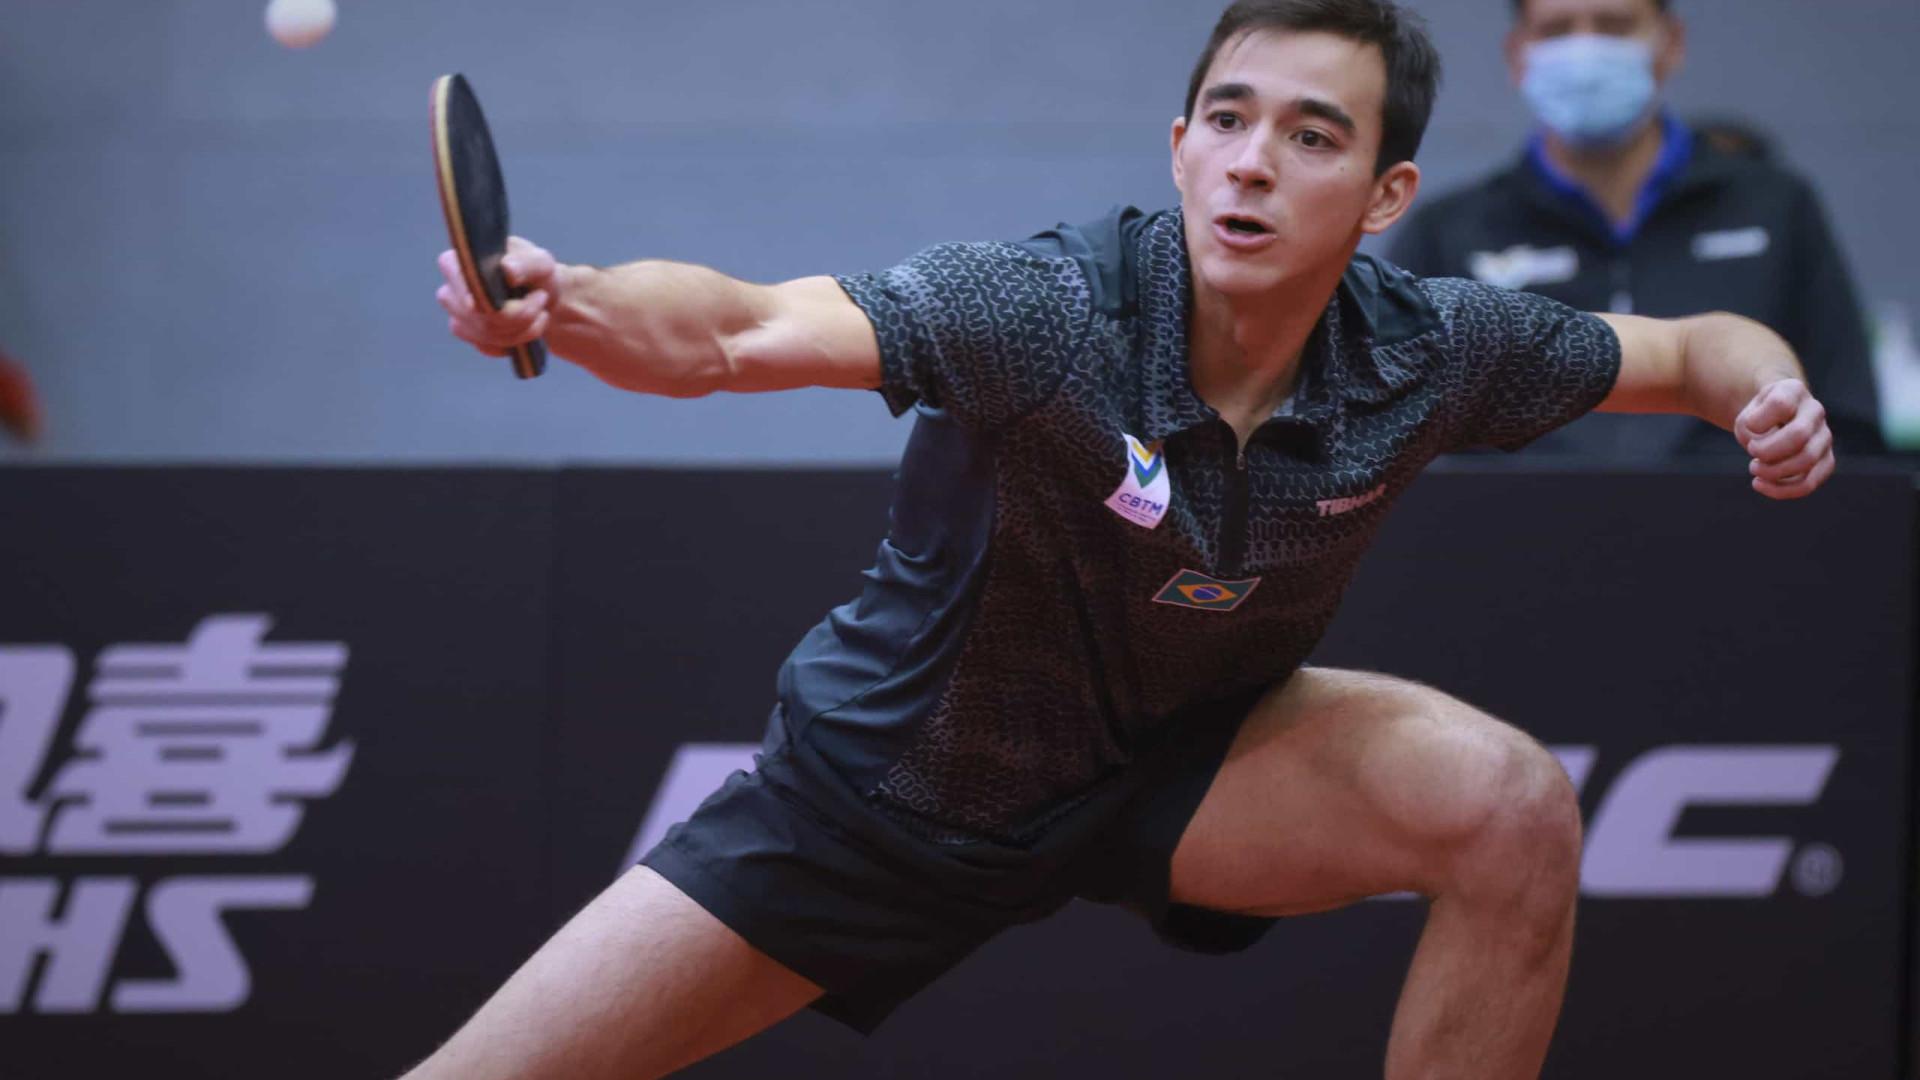 Após completar mil jogos como profissional, Hugo Calderano perde no ITTF Finals